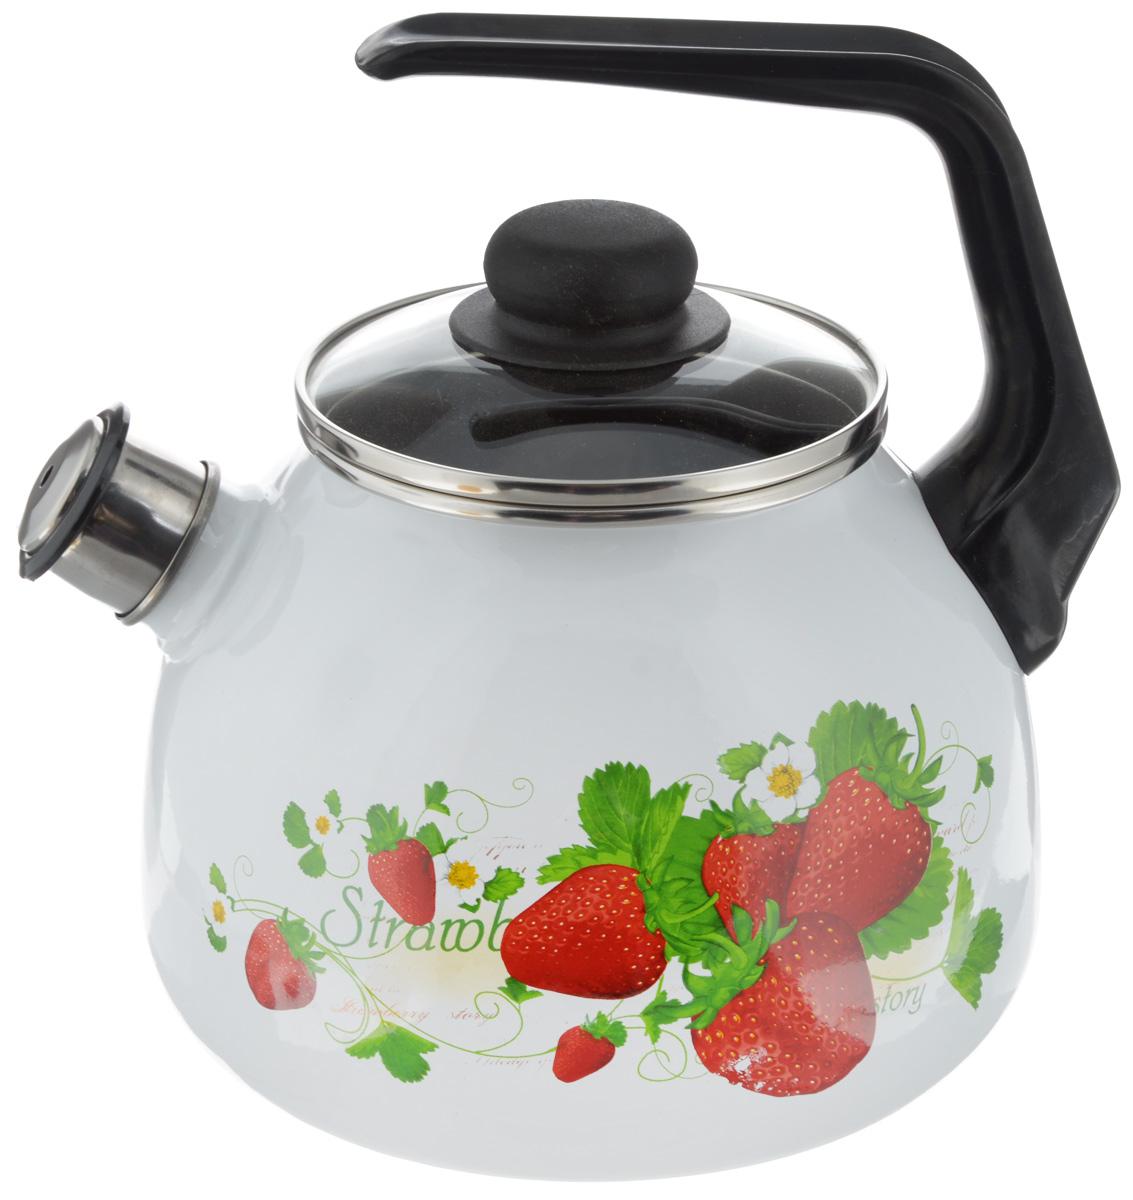 Чайник Vitross Strawberry, со свистком, цвет: белый, красный, 3 л1RC12Чайник Vitross Strawberry изготовлен из высококачественной нержавеющей стали с эмалированным покрытием. Нержавеющая сталь обладает высокой устойчивостью к коррозии, не вступает в реакцию с холодными и горячими продуктами и полностью сохраняет их вкусовые качества. Особая конструкция дна способствует высокой теплопроводности и равномерному распределению тепла. Чайник оснащен удобной ручкой. Носик чайника имеет снимающийся свисток, звуковой сигнал которого подскажет, когда закипит вода. Подходит для всех типов плит, включая индукционные. Можно мыть в посудомоечной машине. Диаметр чайника (по верхнему краю): 12,5 см. Высота чайника (без учета ручки и крышки): 15 см. Высота чайника (с учетом ручки): 23 см.